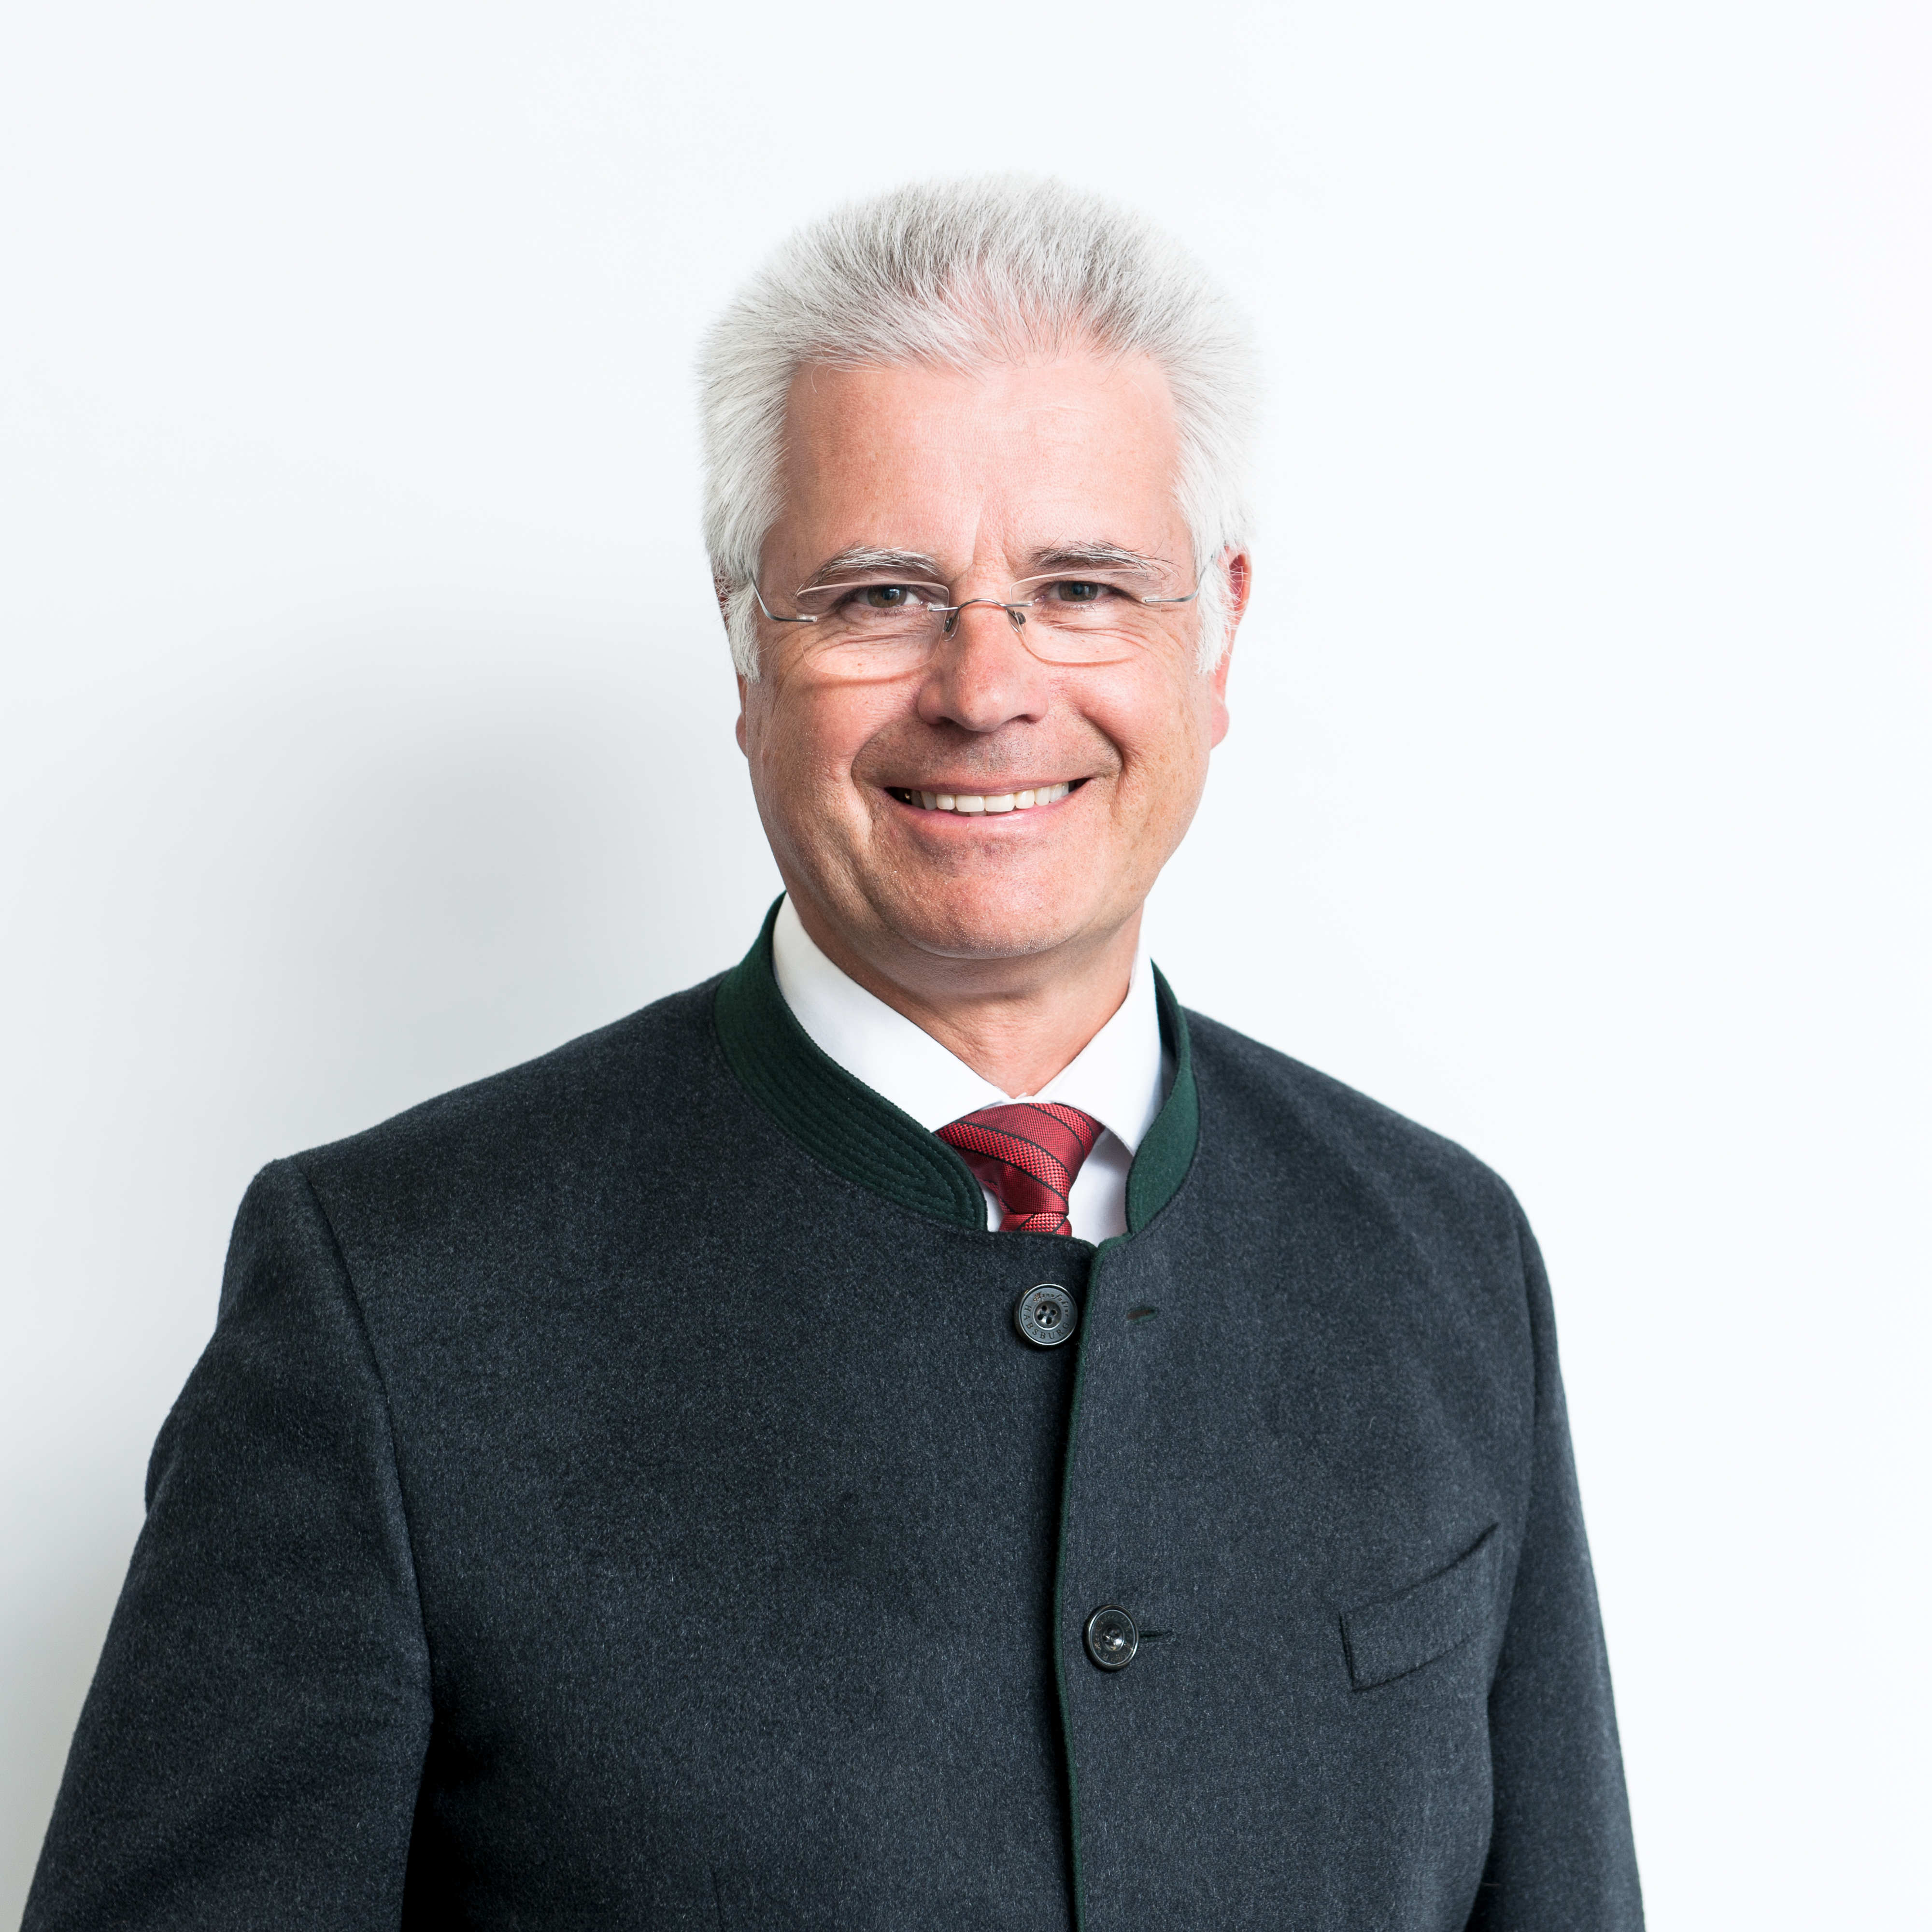 Thomas Benkert